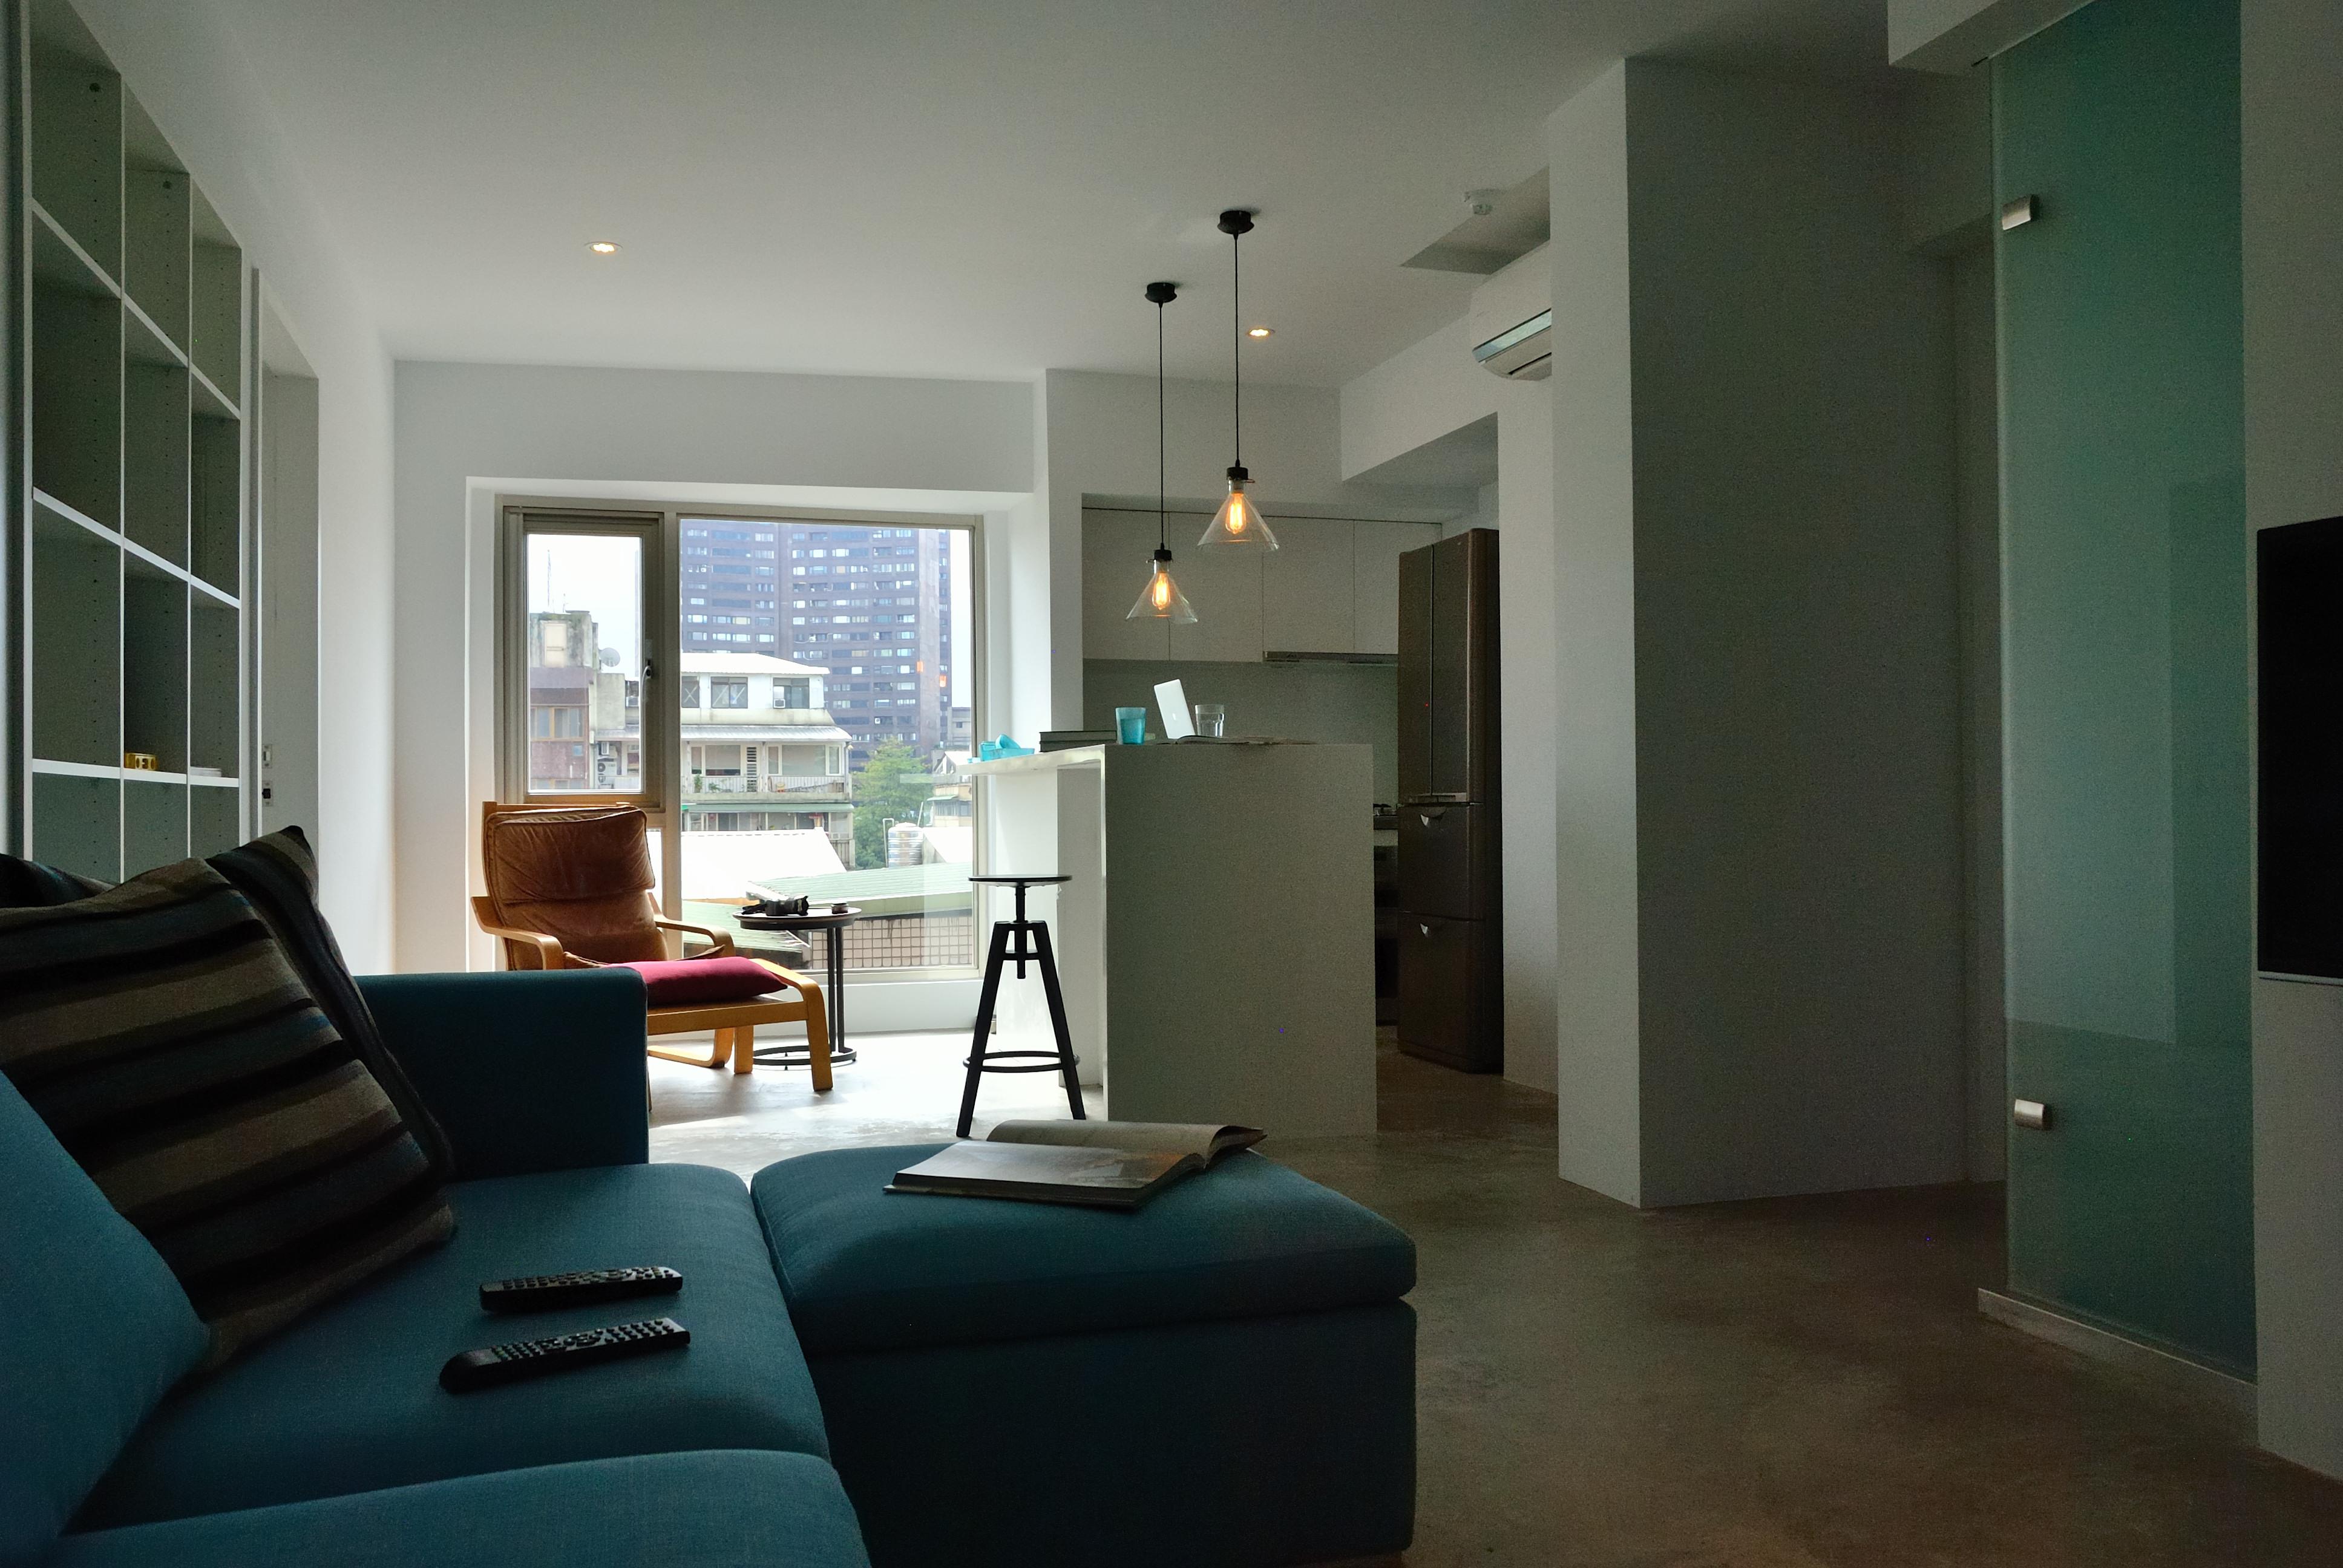 住宅設計-清新居家風格客廳